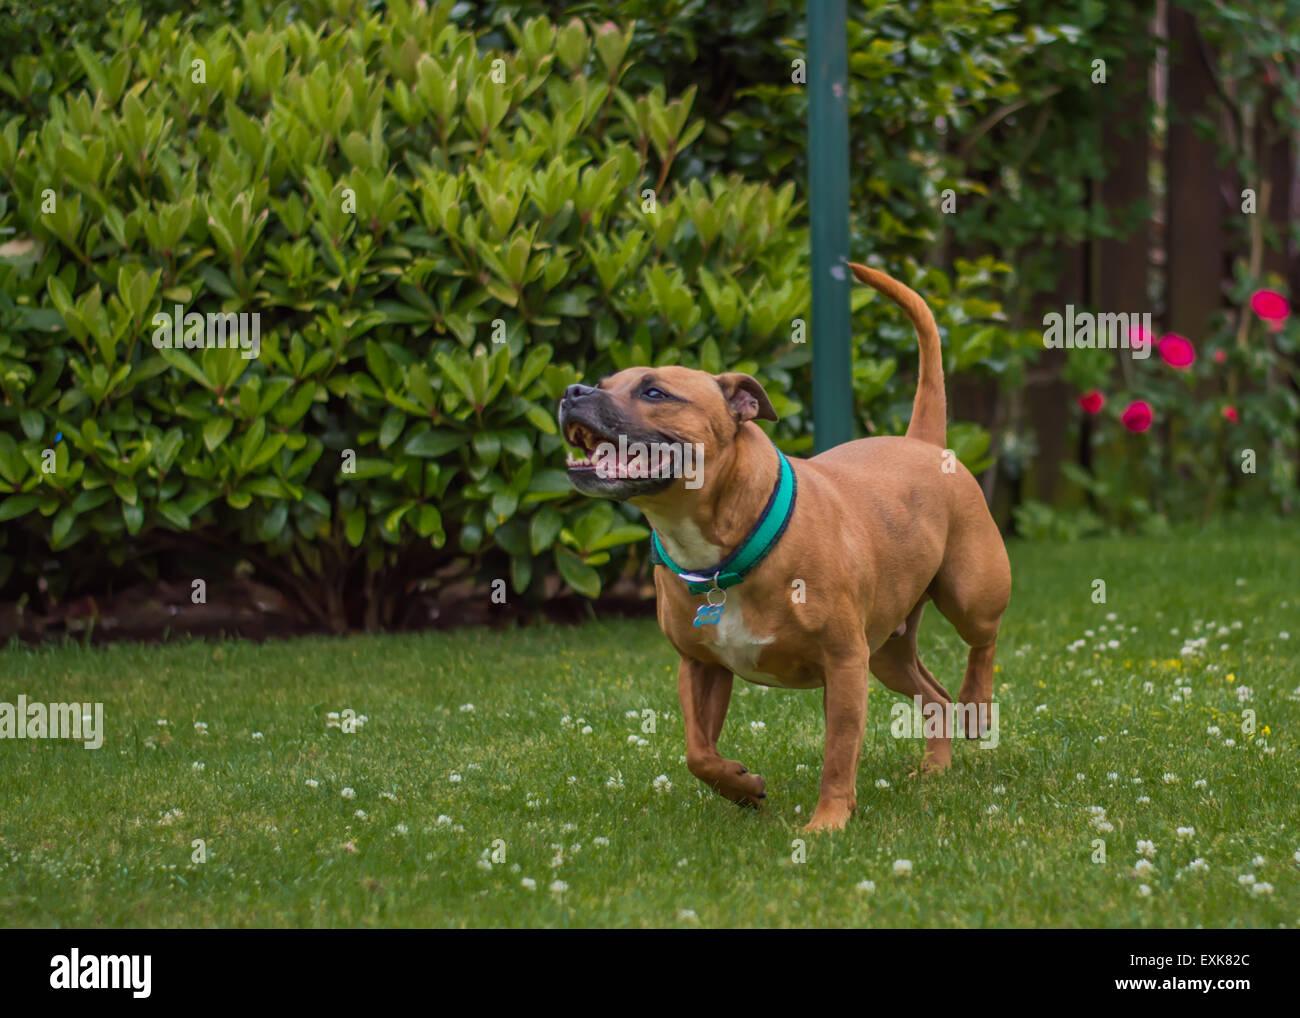 Staffordshire bull terrier running in garden - Stock Image